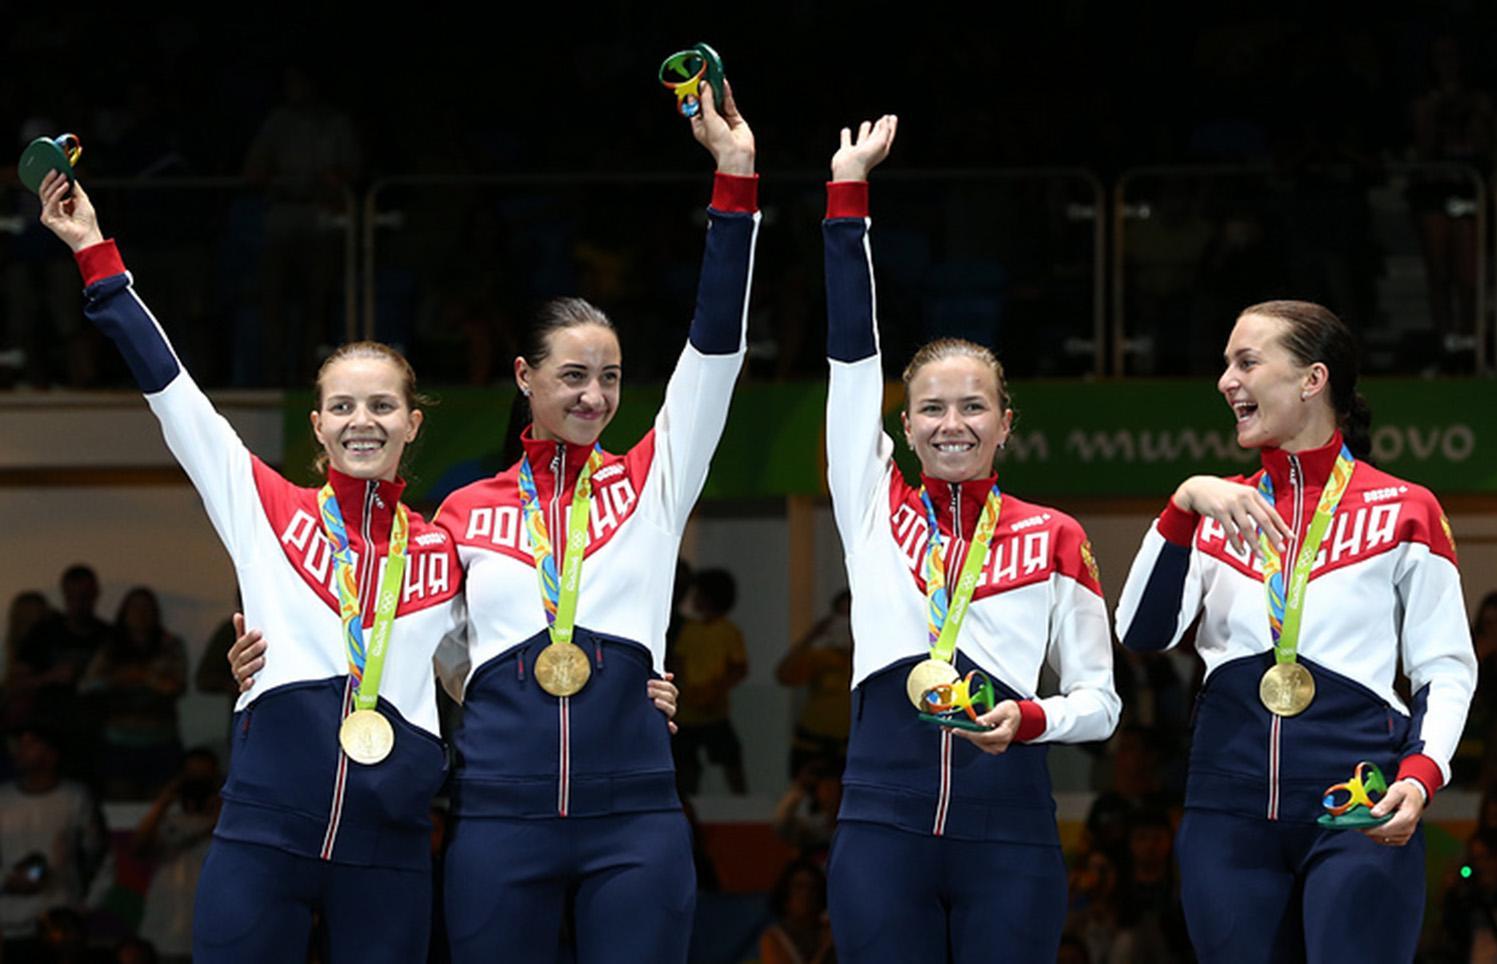 Сборная России поднялась на шестое место в медальном зачете ОИ